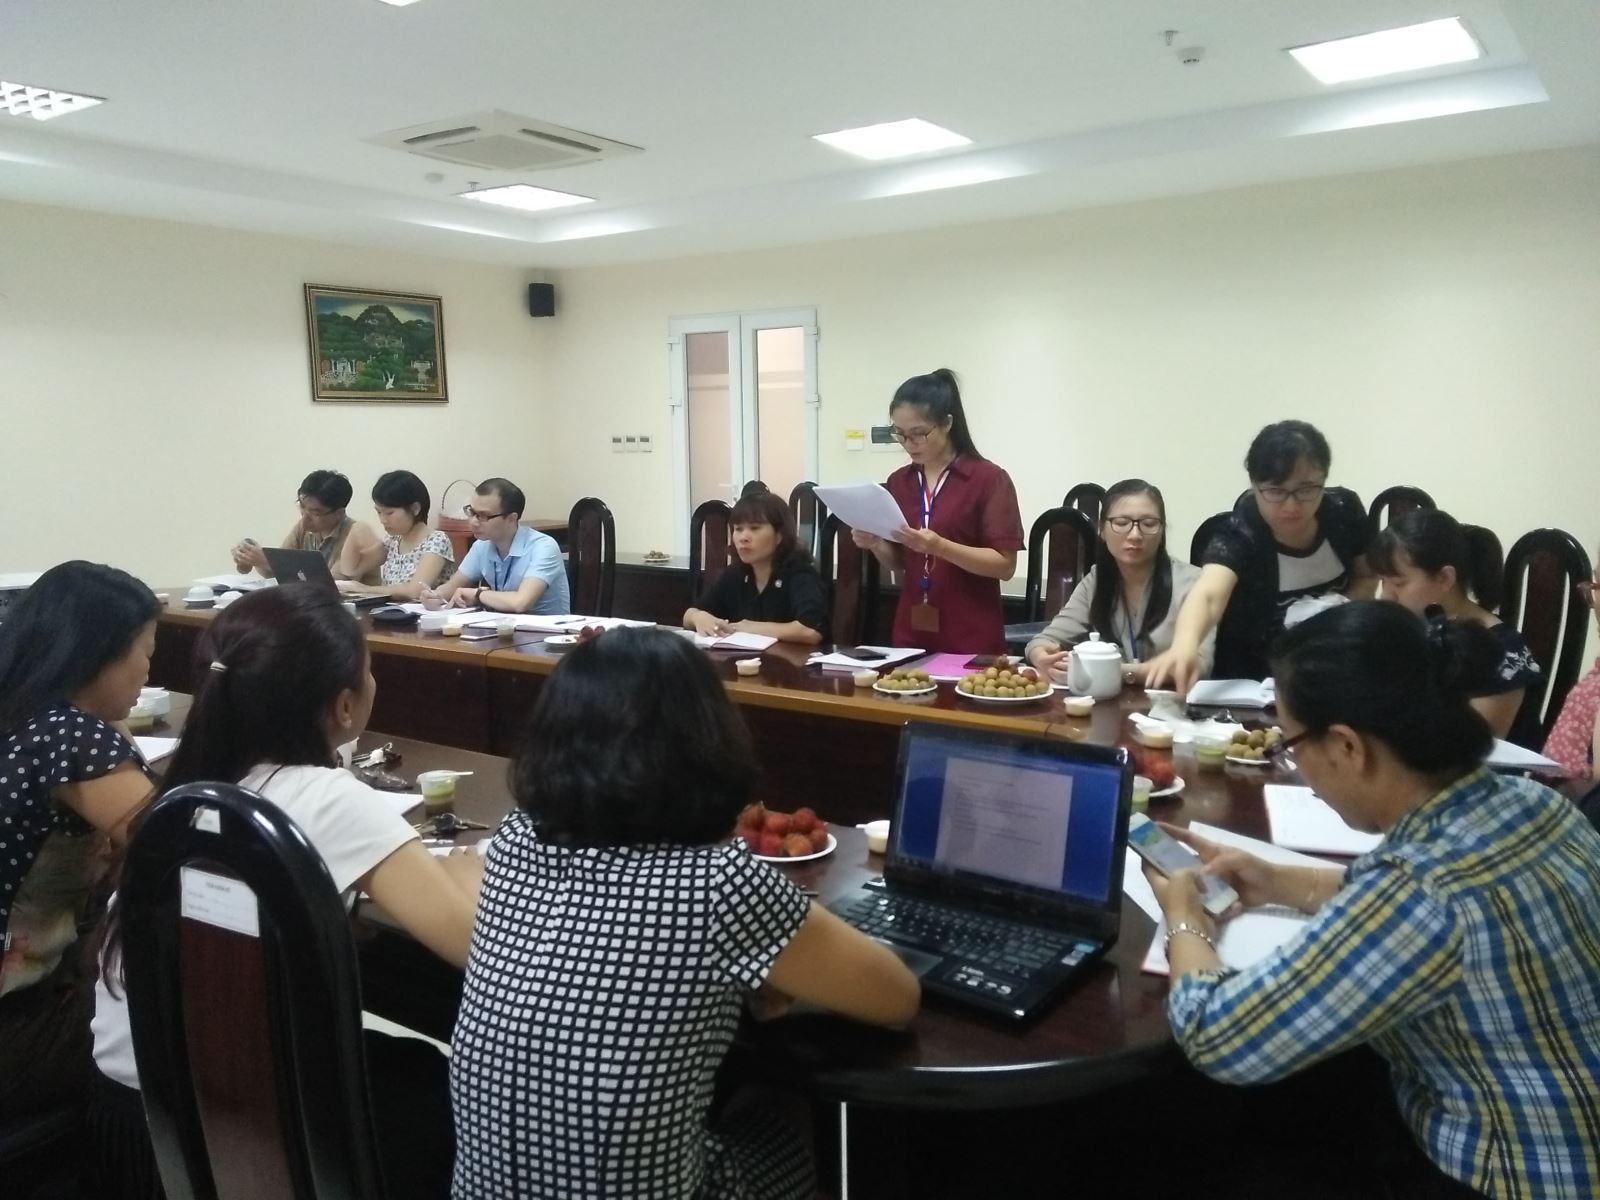 Sinh hoạt chuyên đề: Học tập và làm theo tư tưởng, đạo đức, phong cách Hồ Chí Minh  gắn với vị trí việc làm